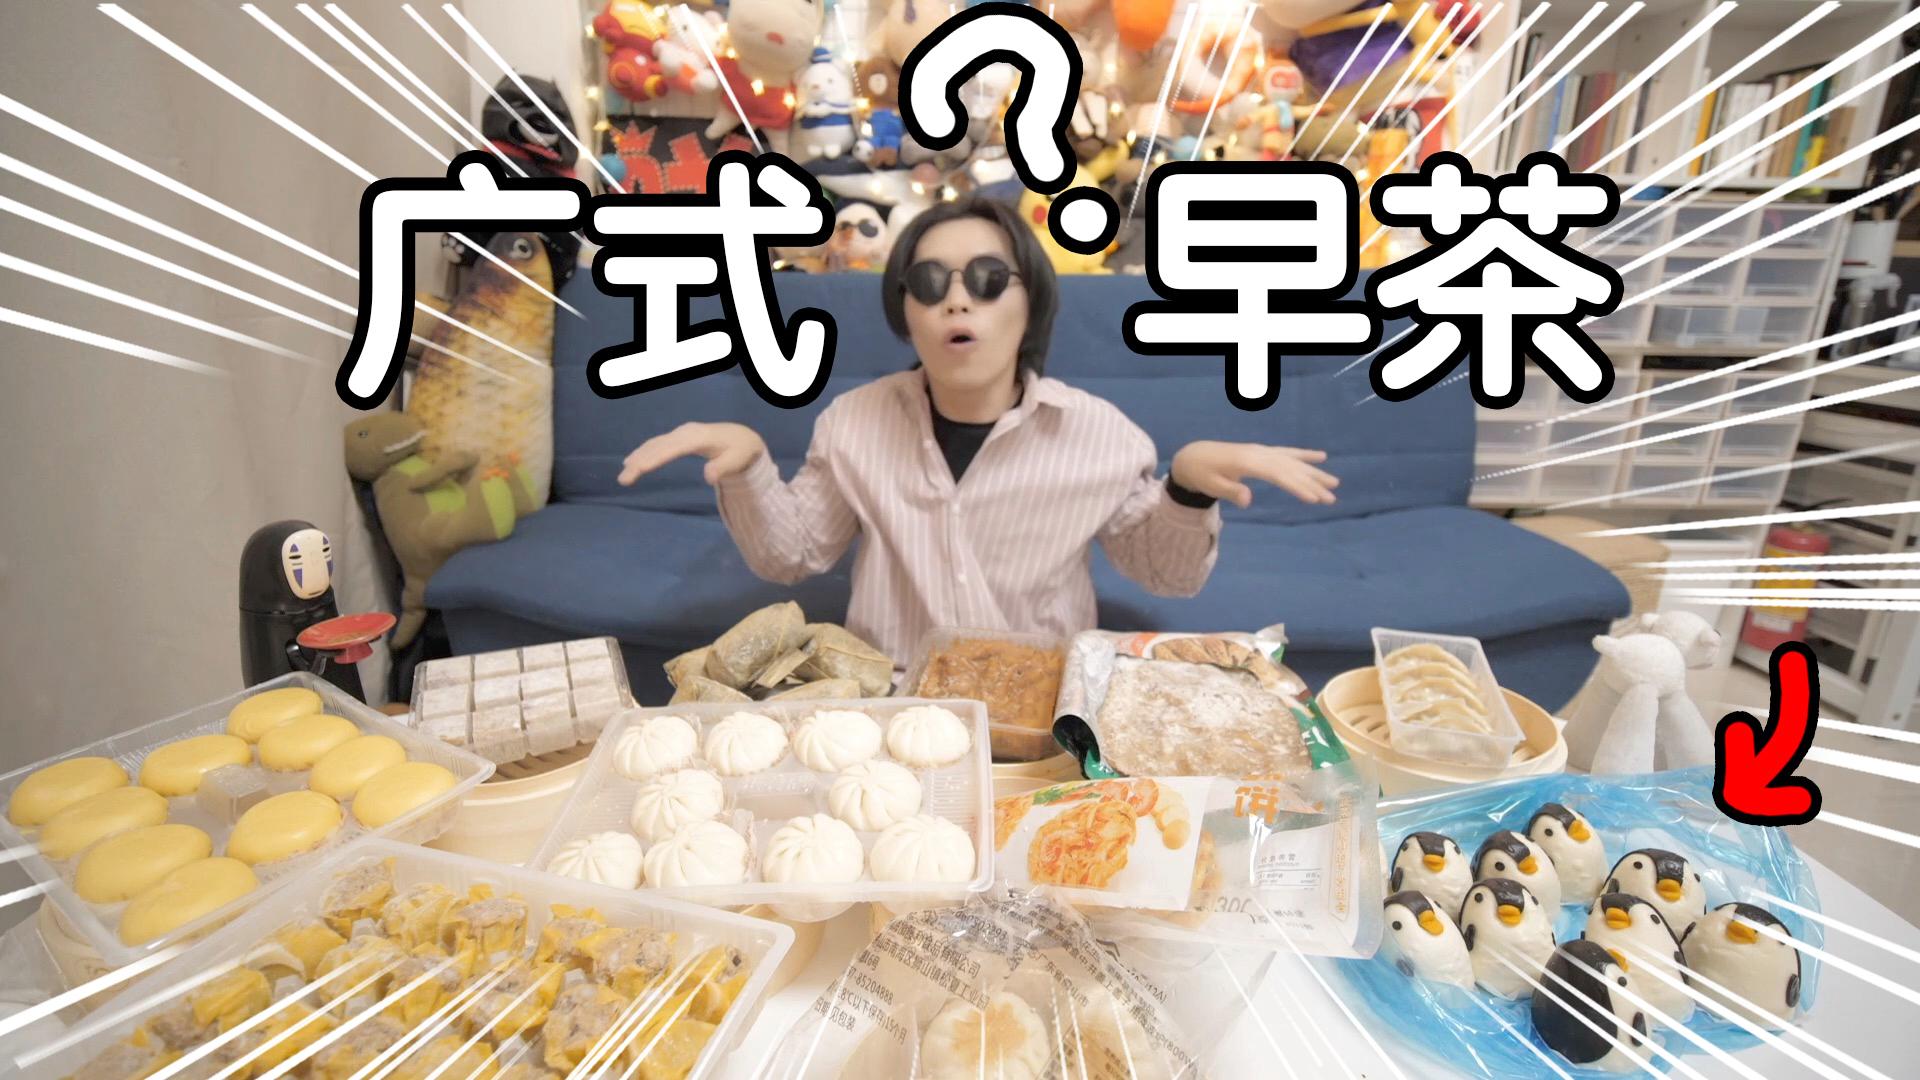 """宅家买10个蒸笼自制""""广式早茶""""是什么体验?满满一桌子美食!"""